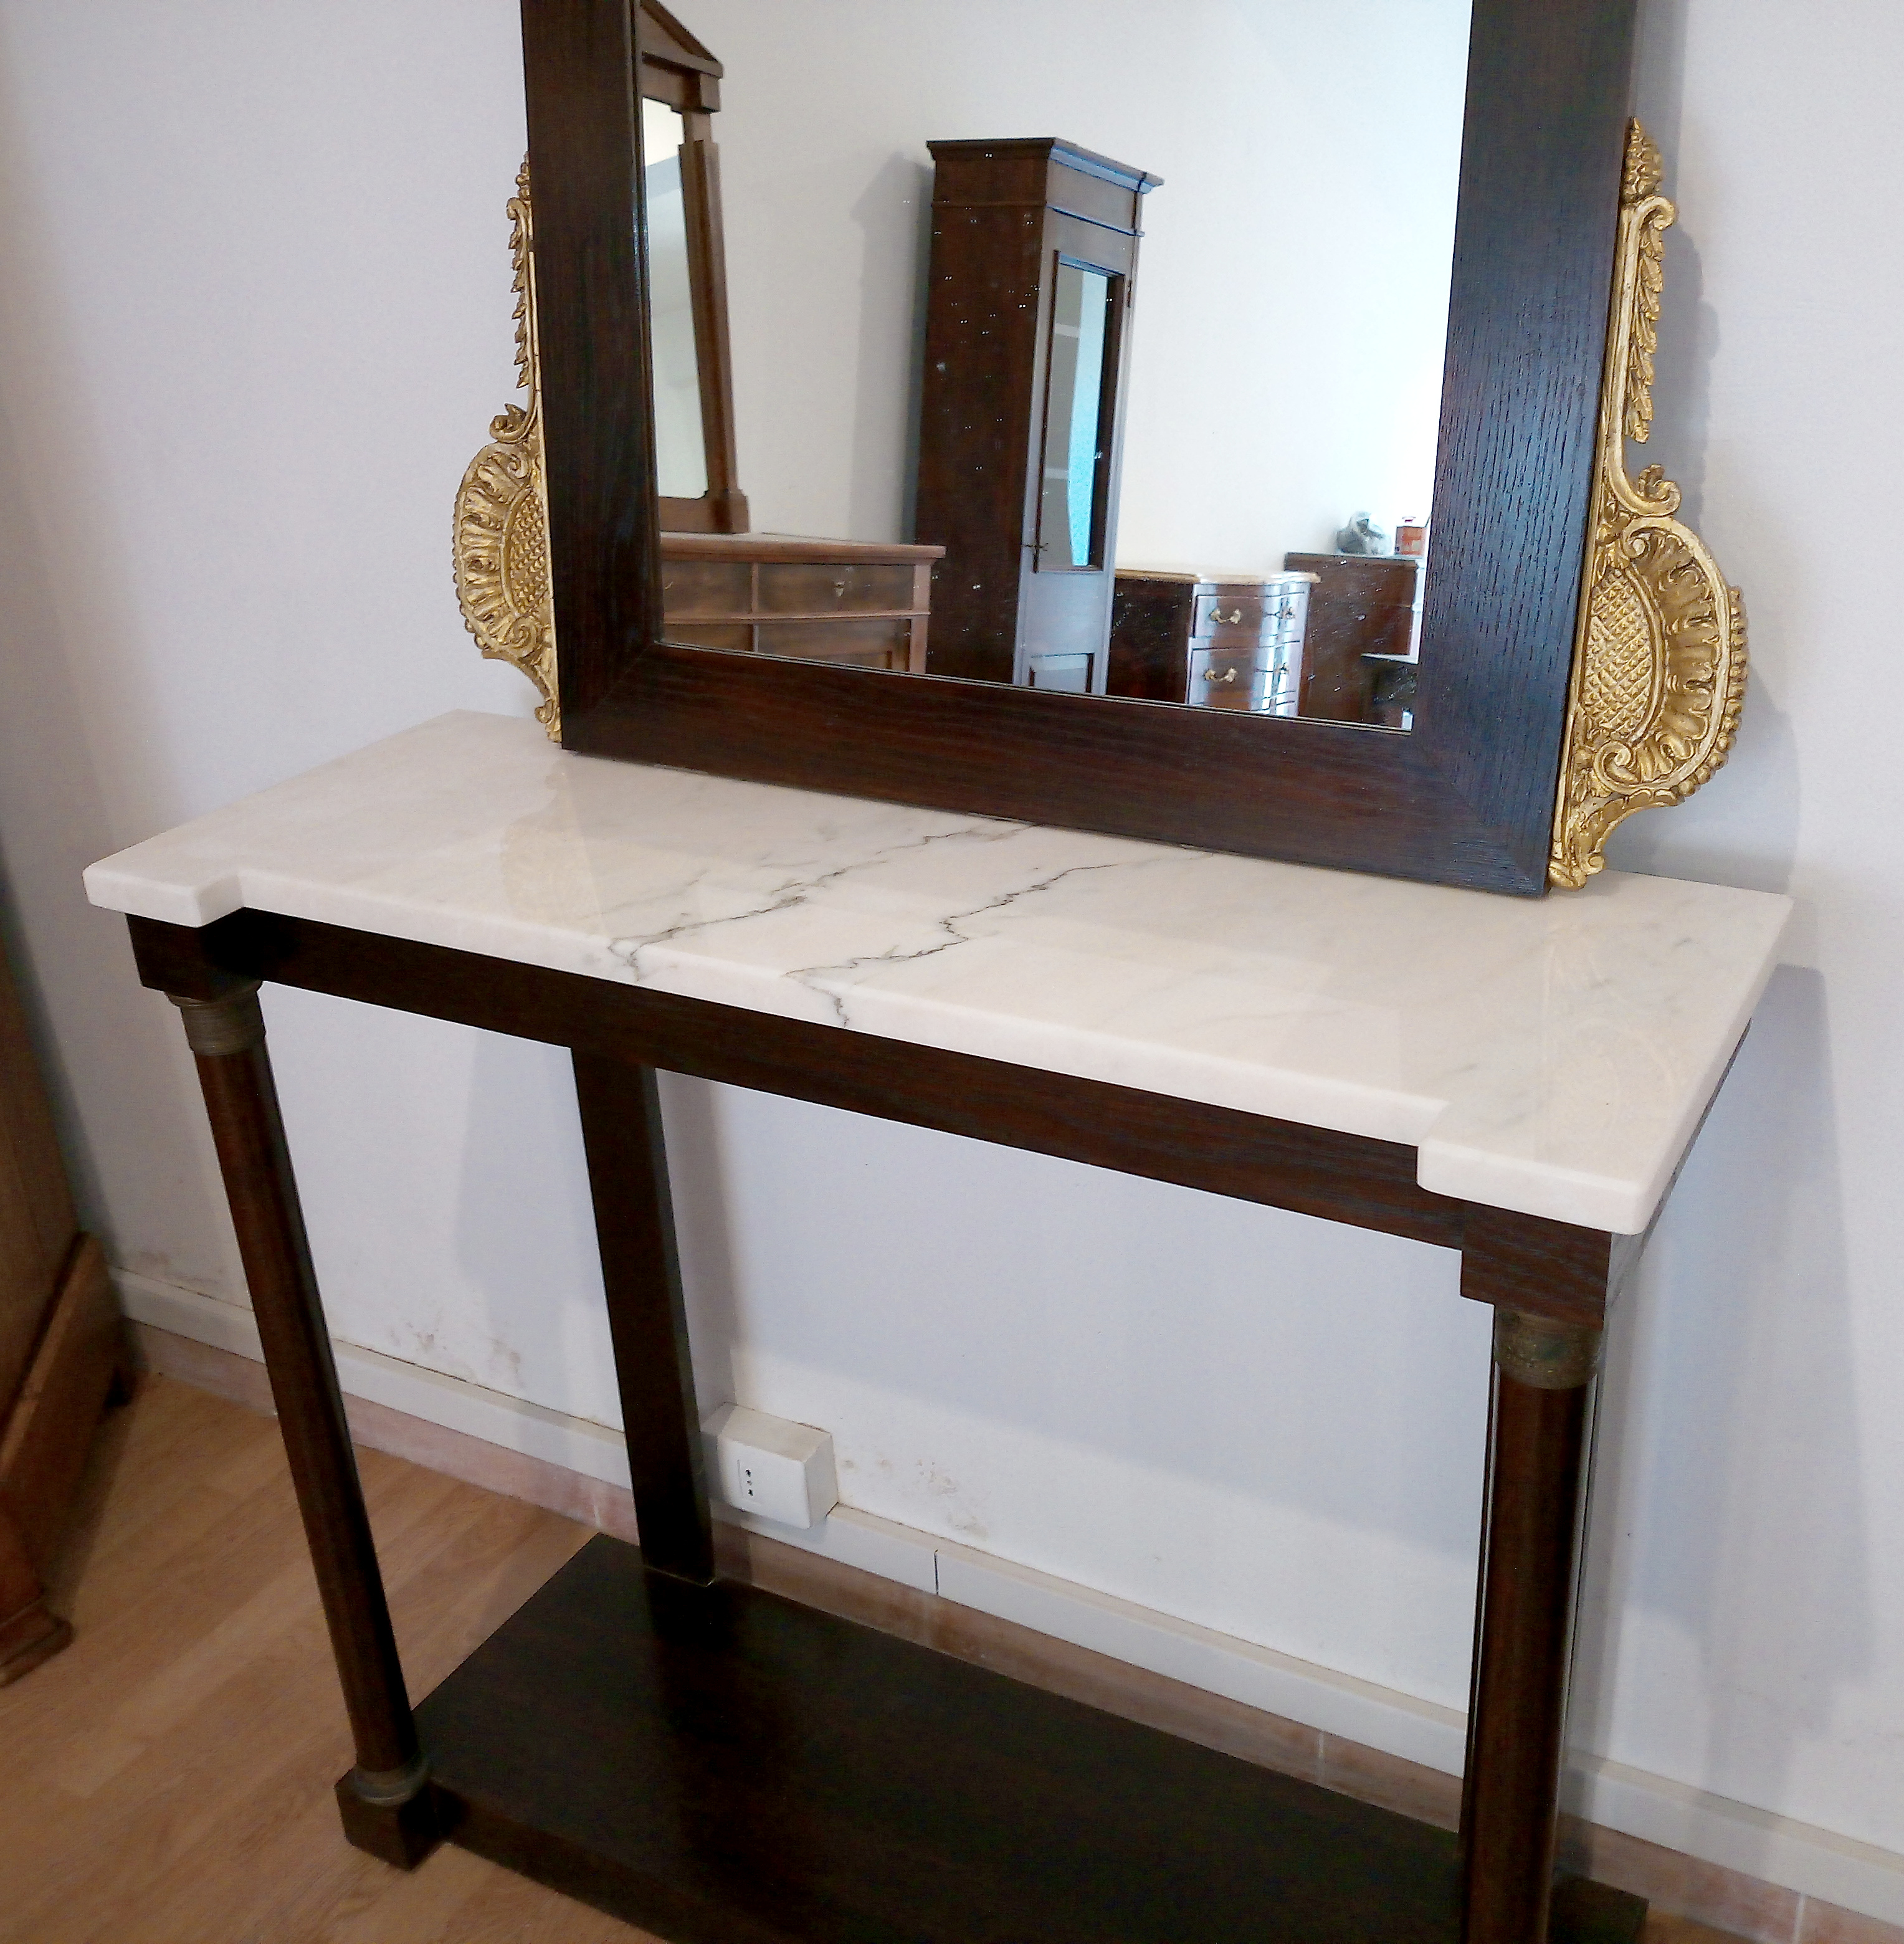 Consolle con specchio vintage italiana stile classico